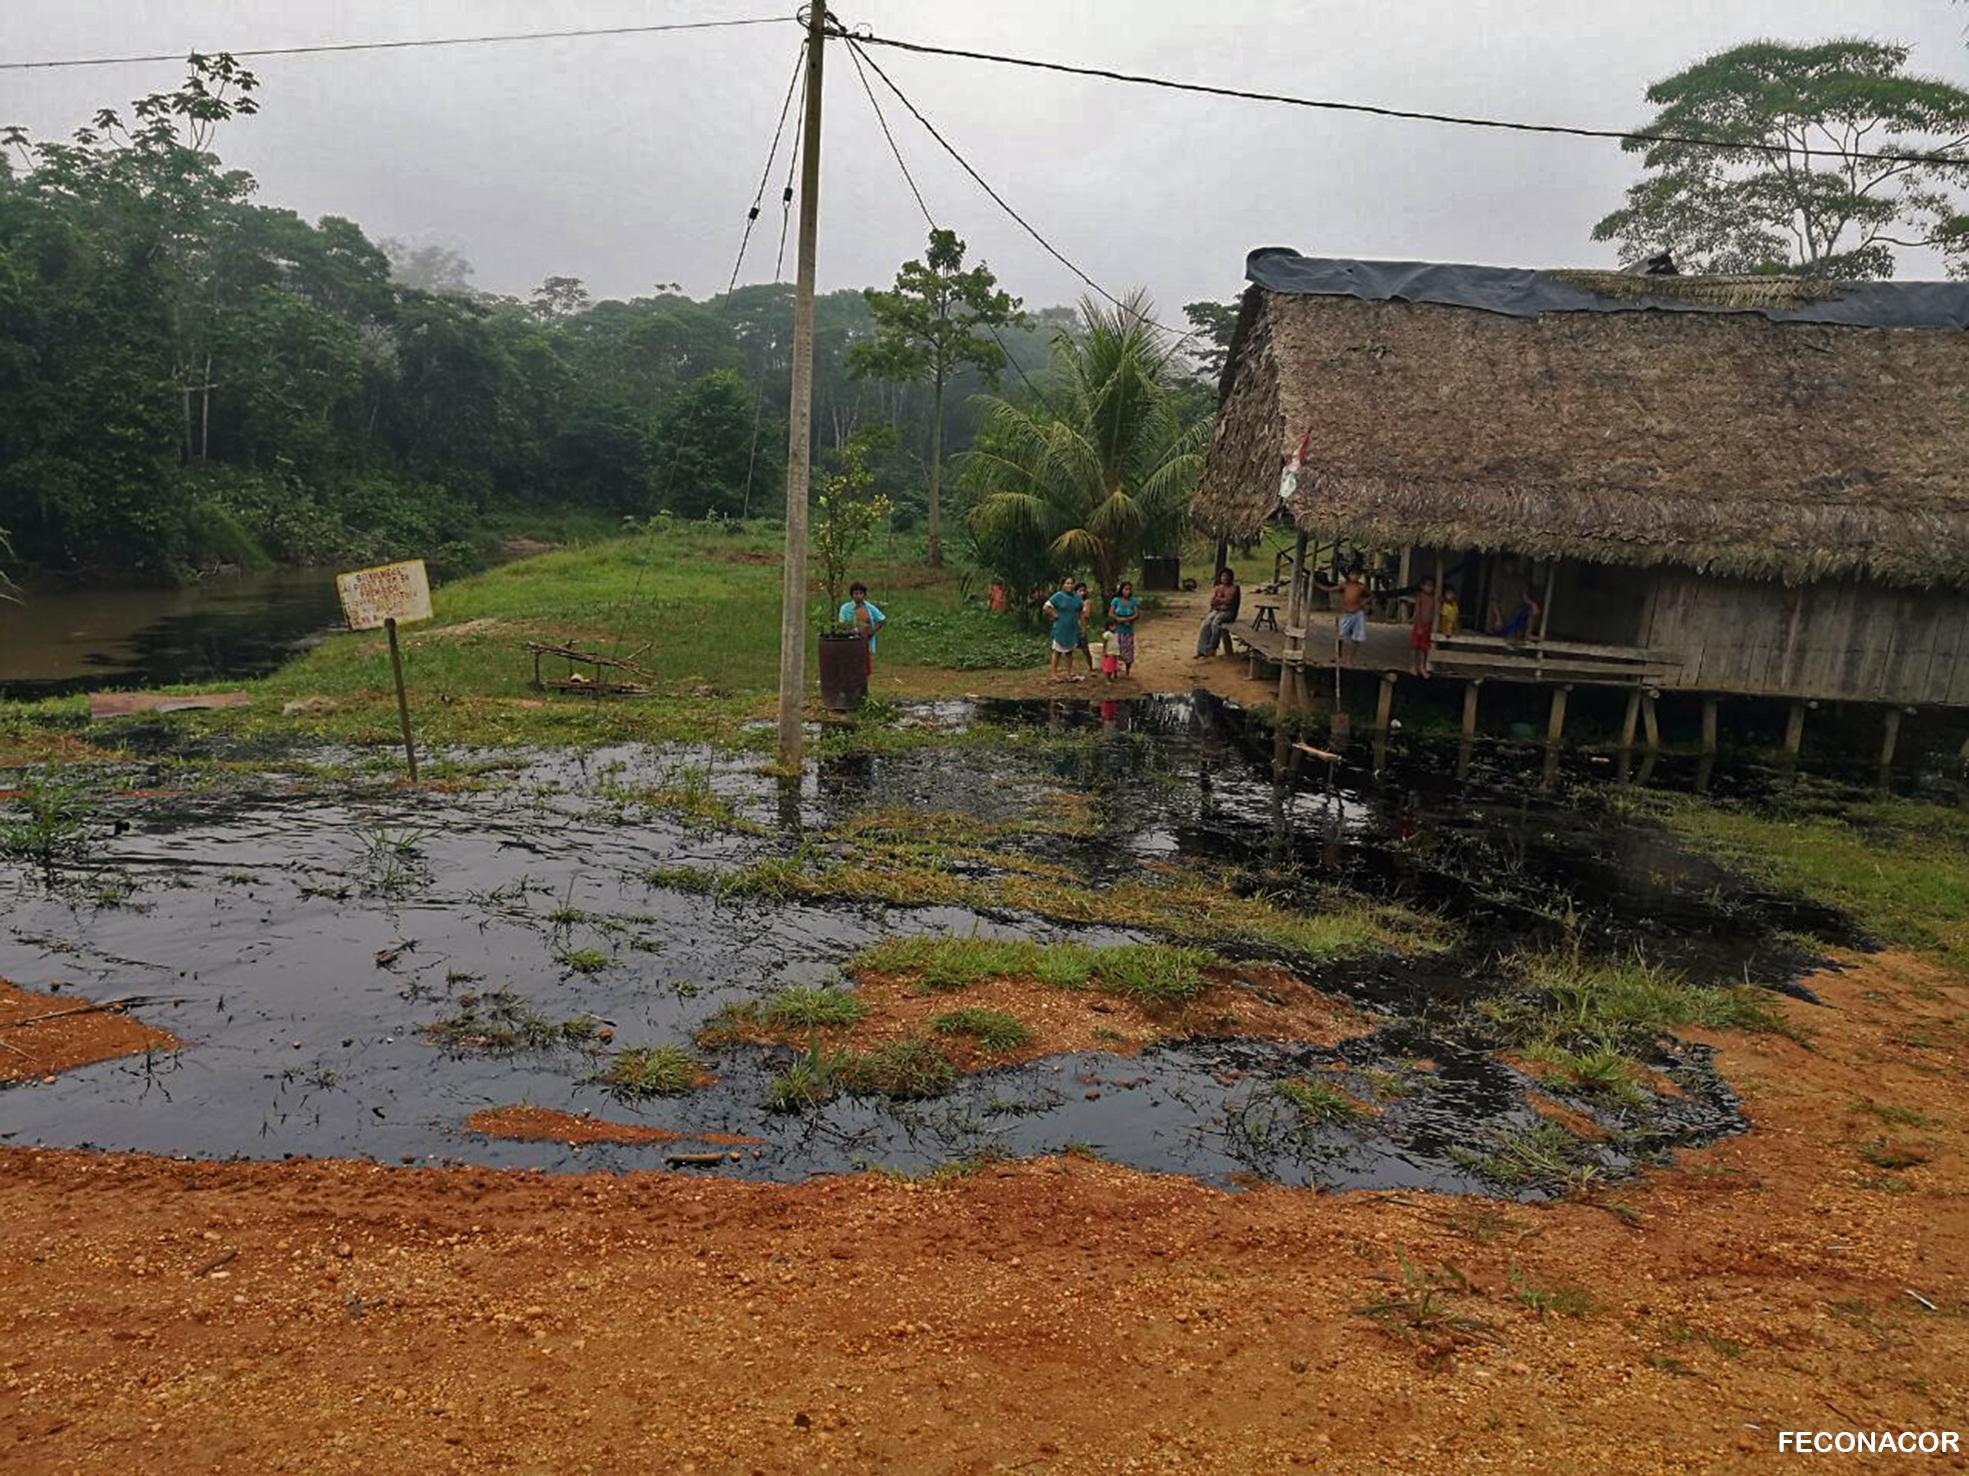 Los derrames de petróleo y la remediación de los territorios afectados por estos es un reclamo constante de los pueblos indígenas. Foto: Feconacor